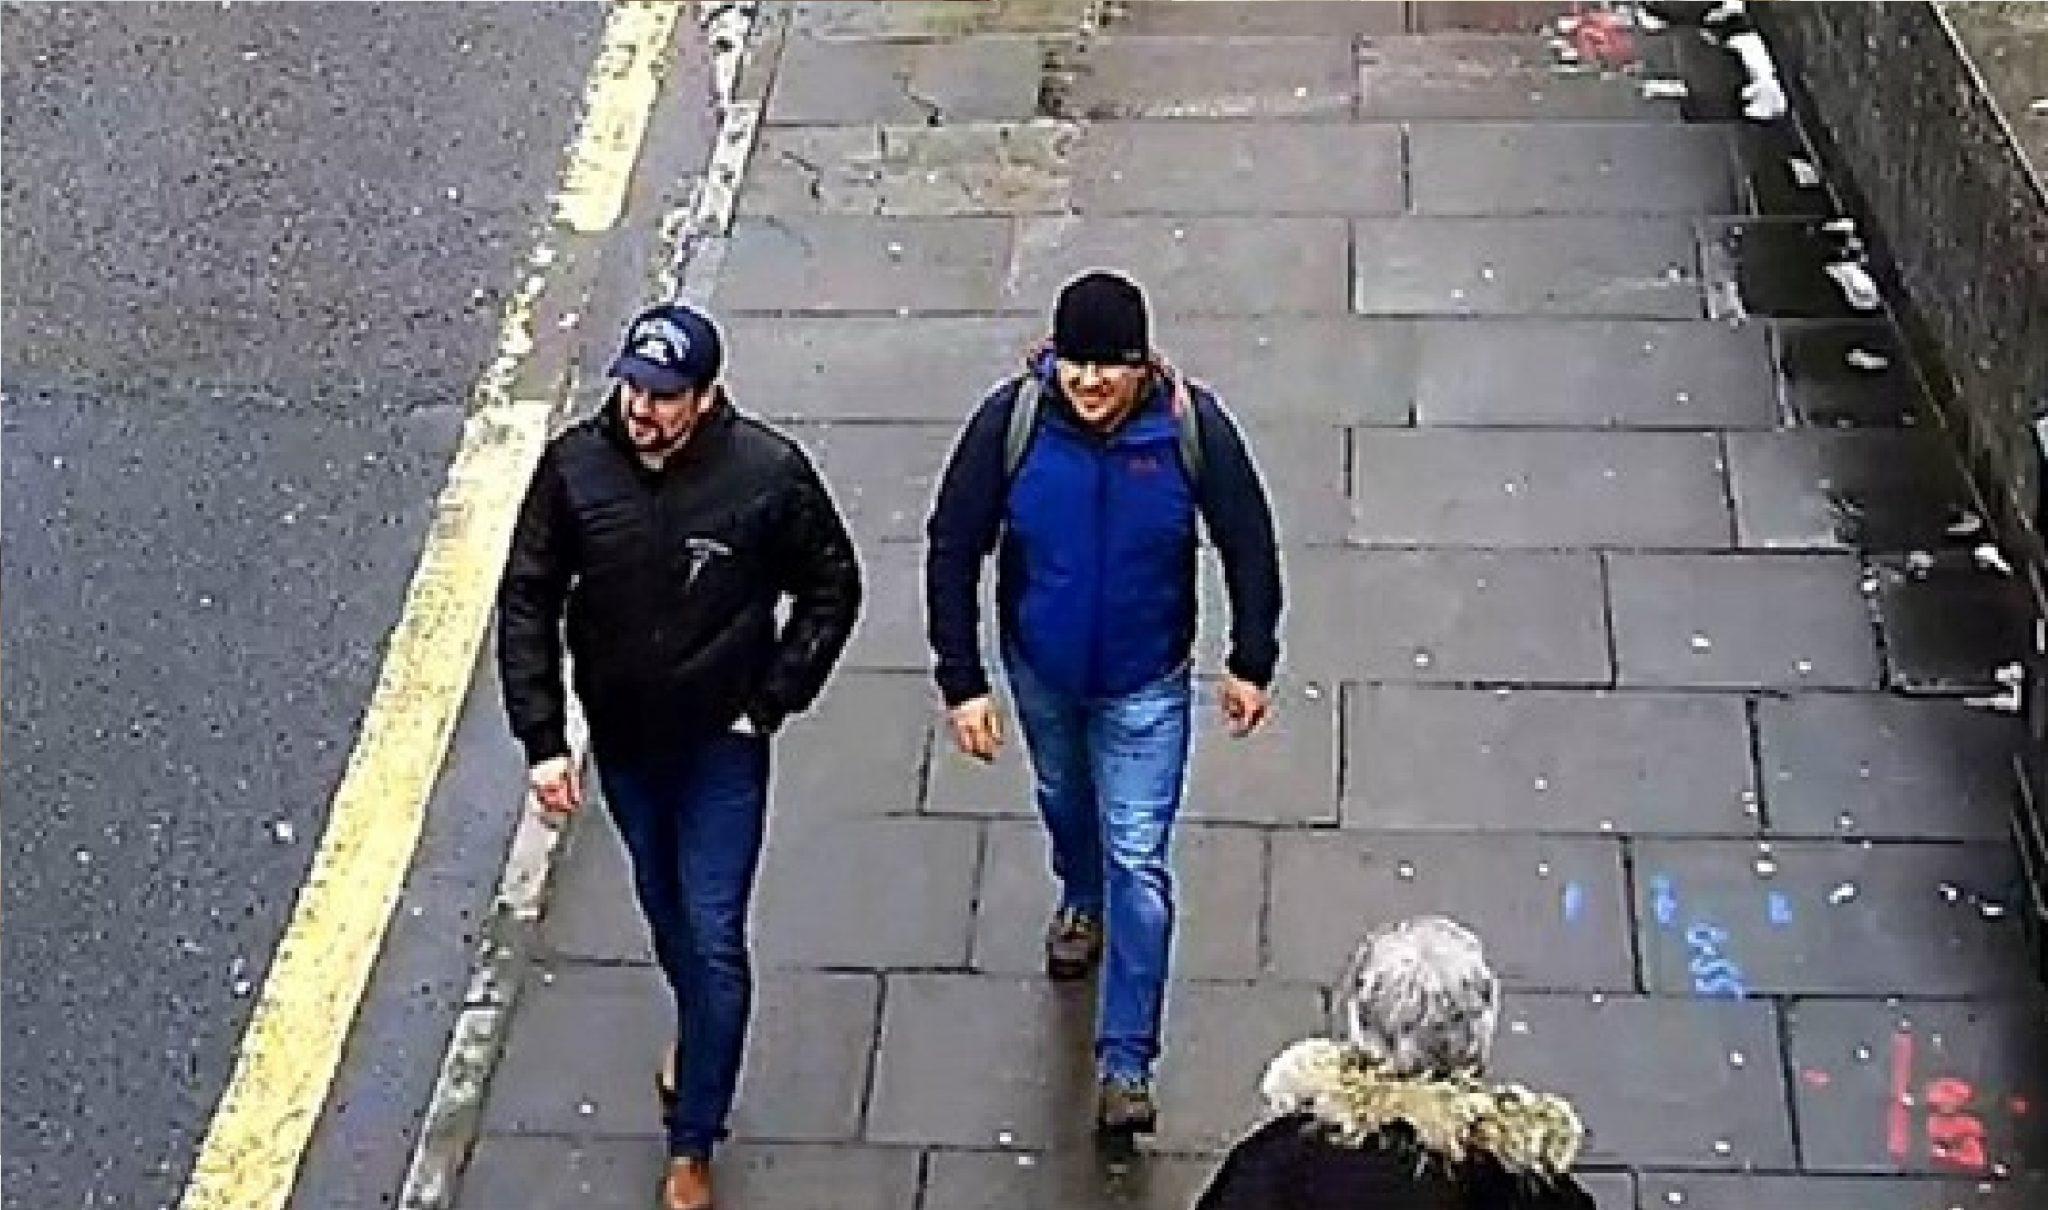 Boširov a Petrov na turistické procházce v Británii. (youtube)